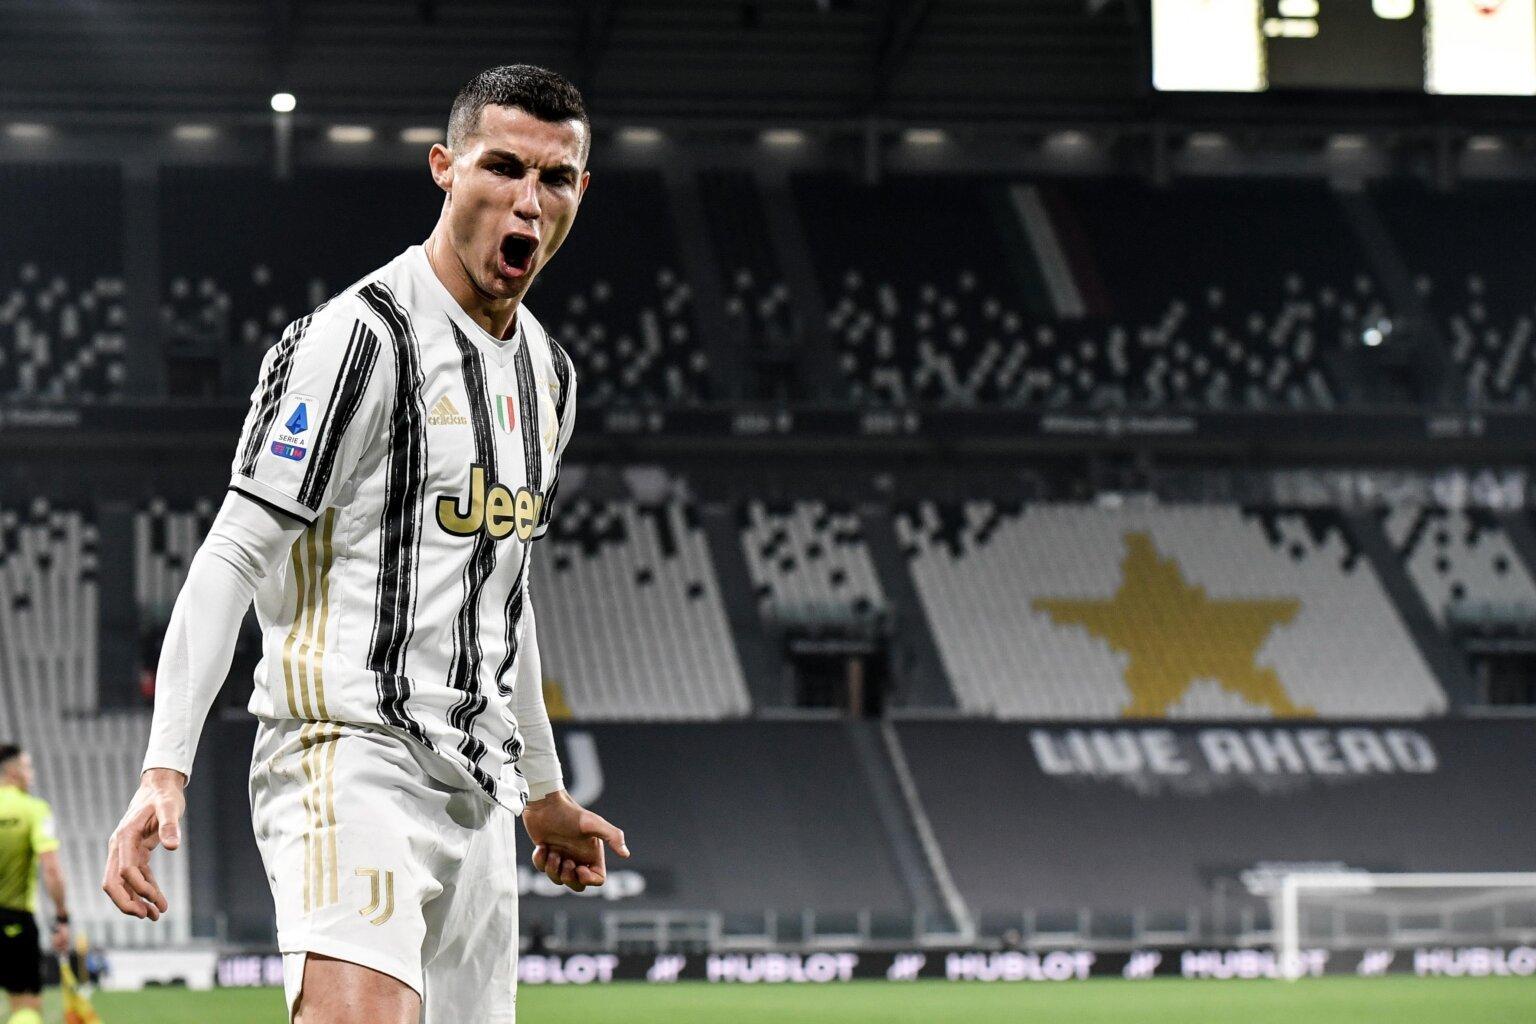 Ronaldo từng đi thẳng khỏi sân đấu khi bị thay người trong trận Juve - AC Milan năm 2019